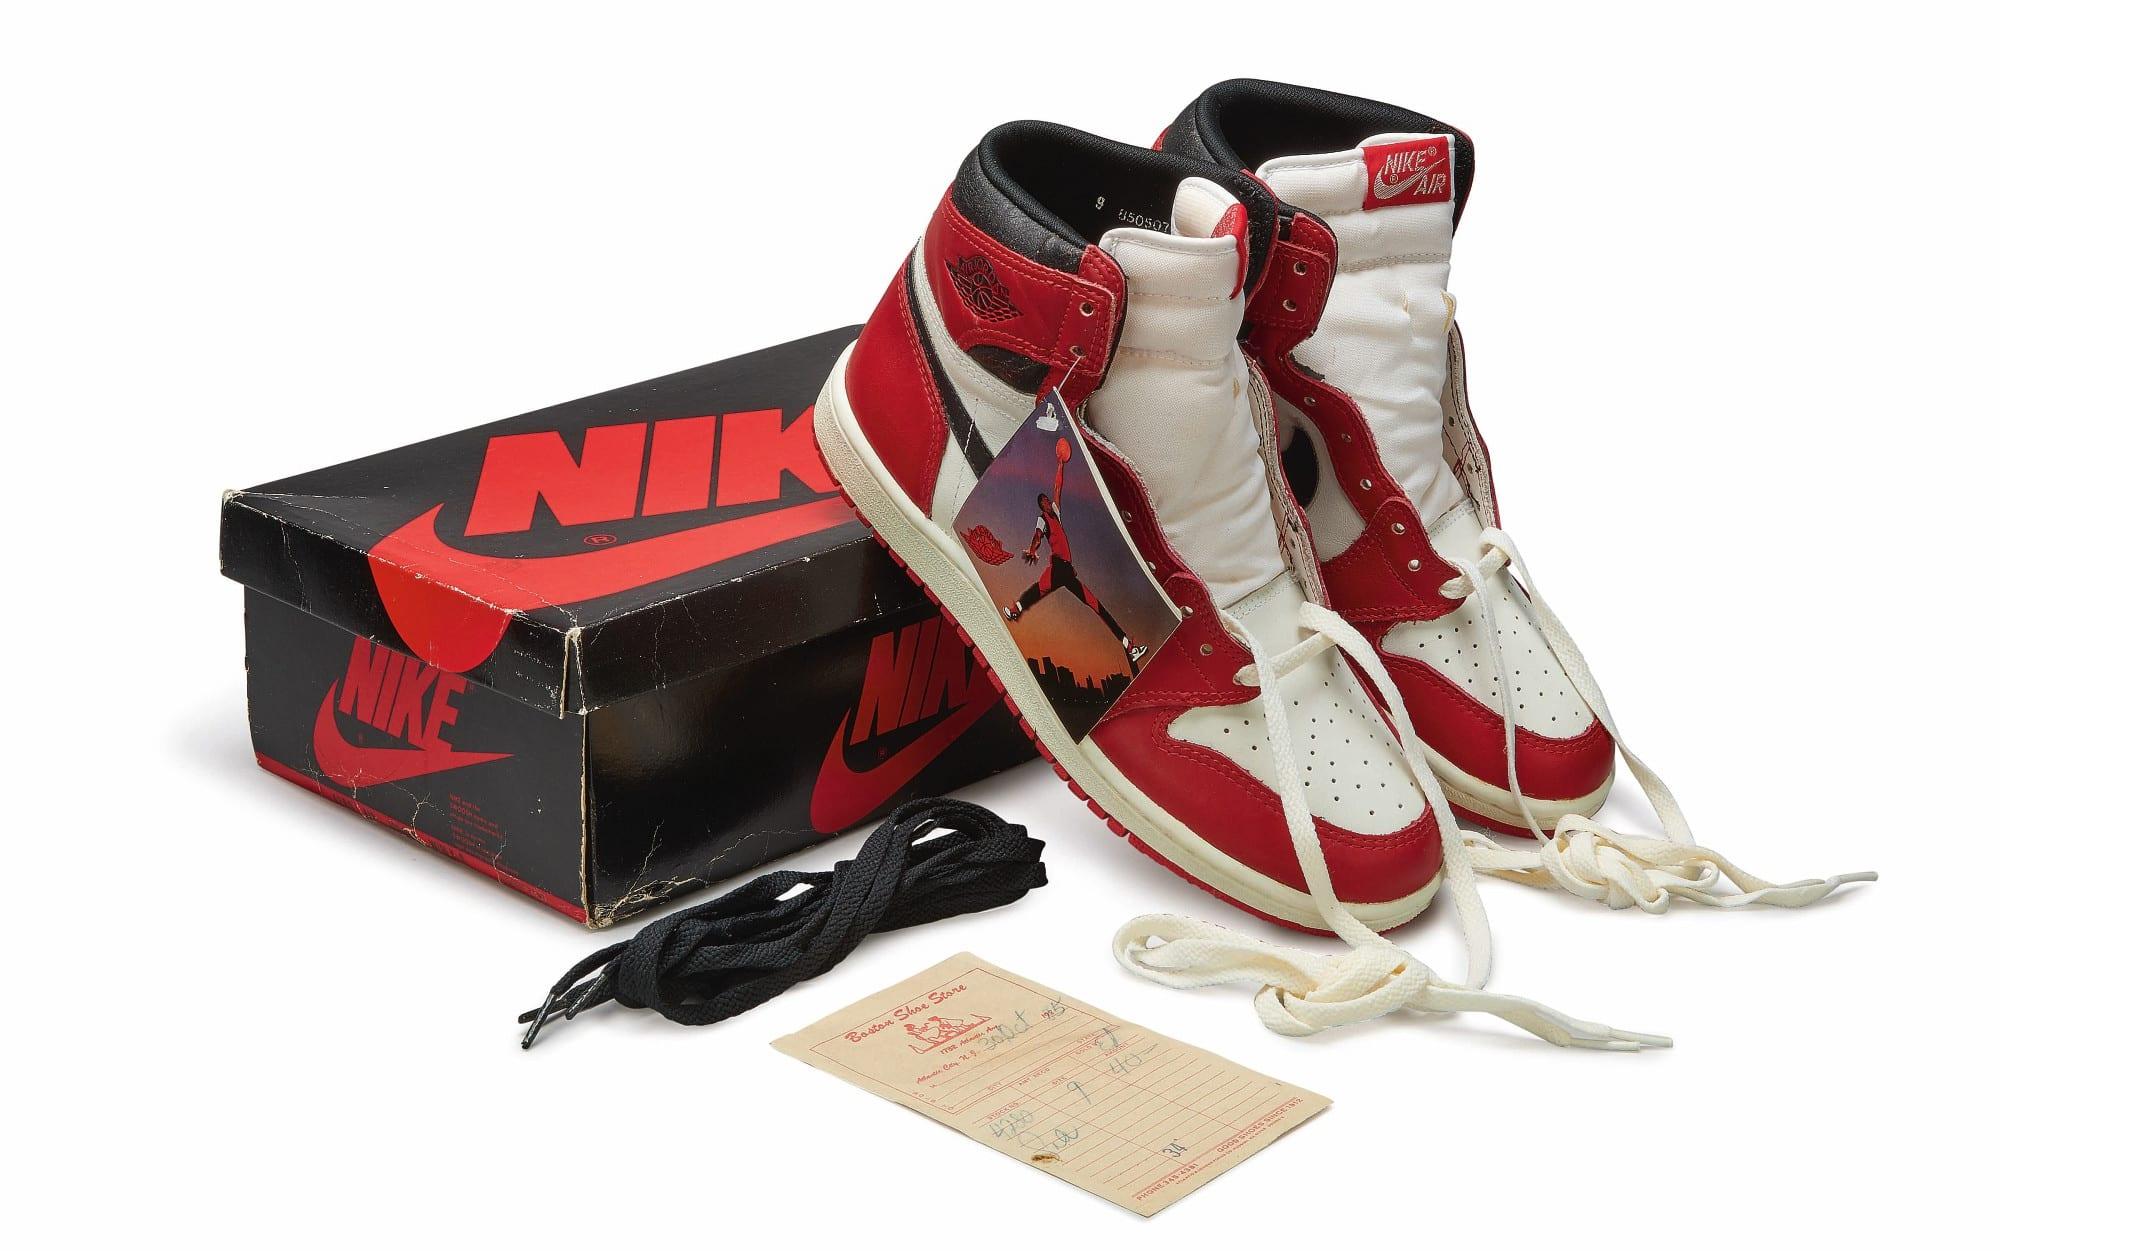 Nike Air Jordan 1 High OG (1985) 'Chicago', Foto: Sotheby's